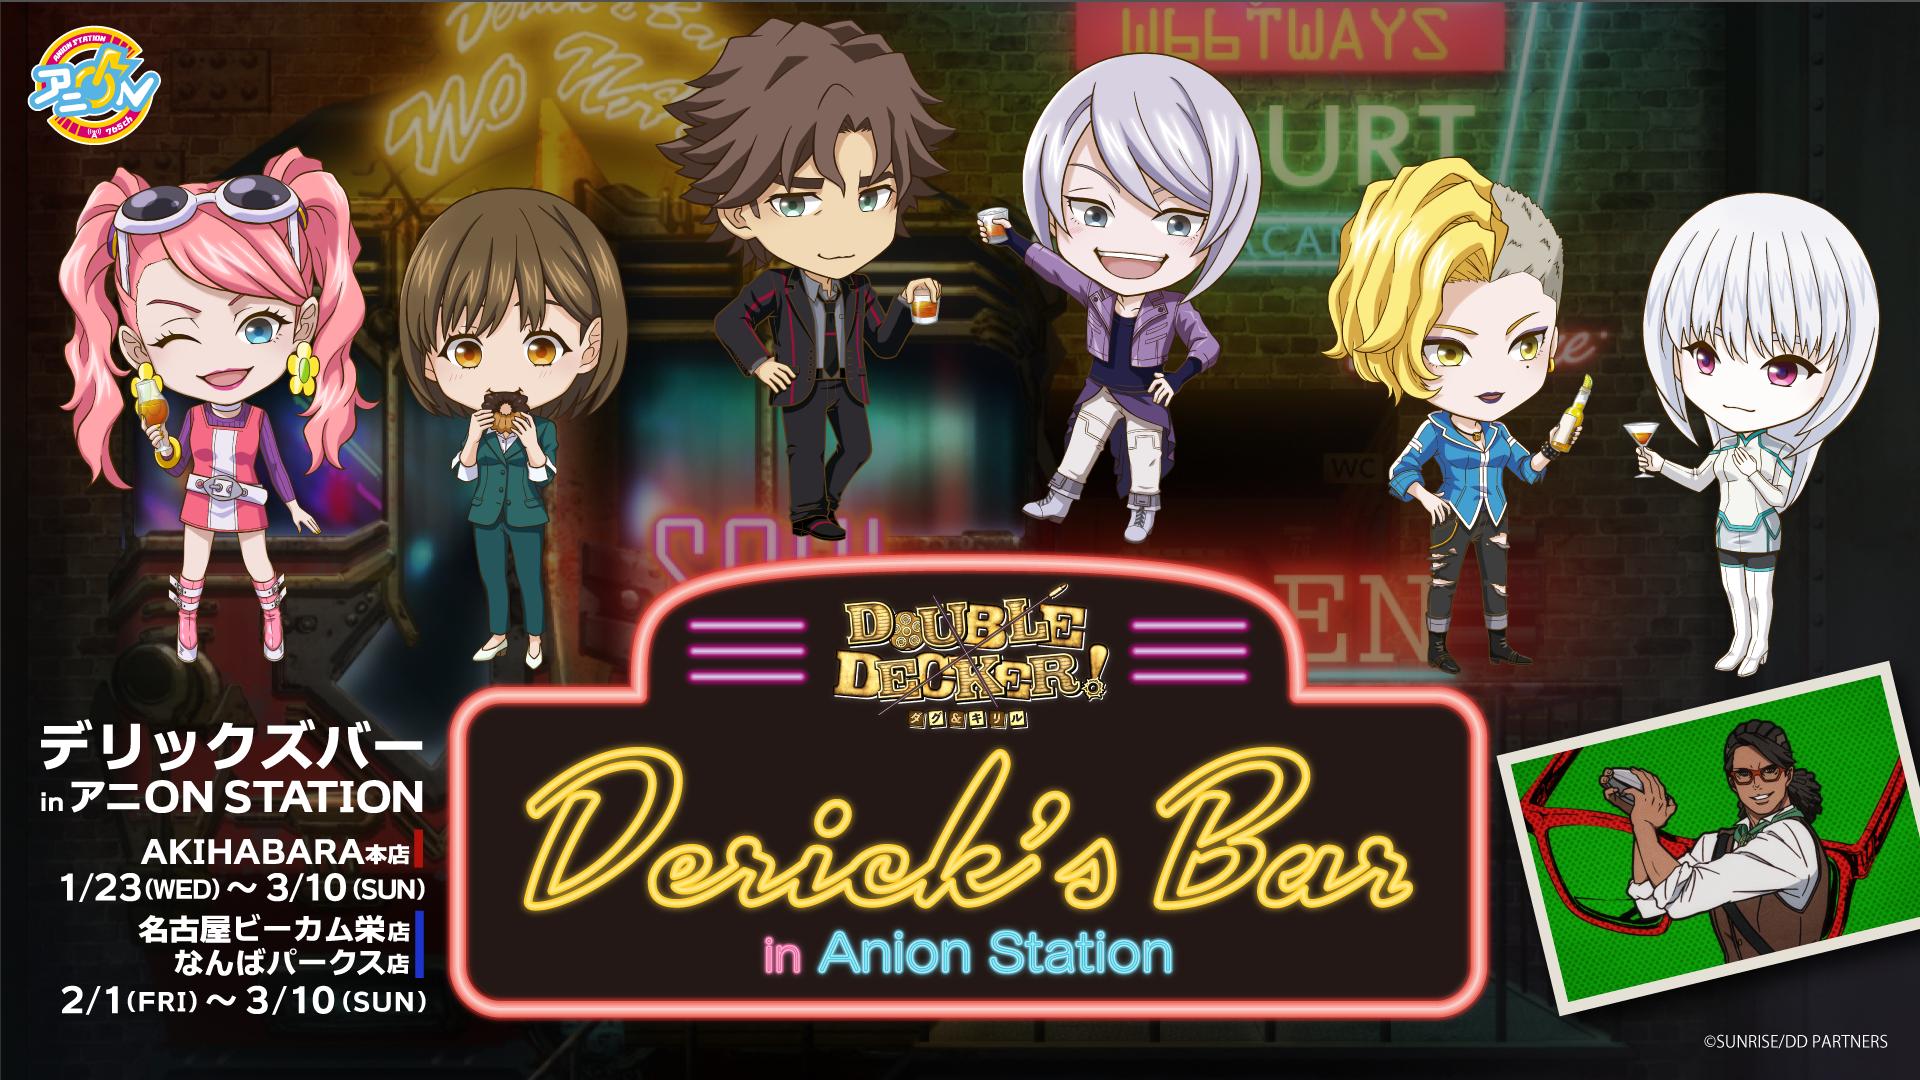 2/15【なんばパークス店】DOUBLE DECKER! ダグ&キリル 『Derick's Bar in アニON STATION』